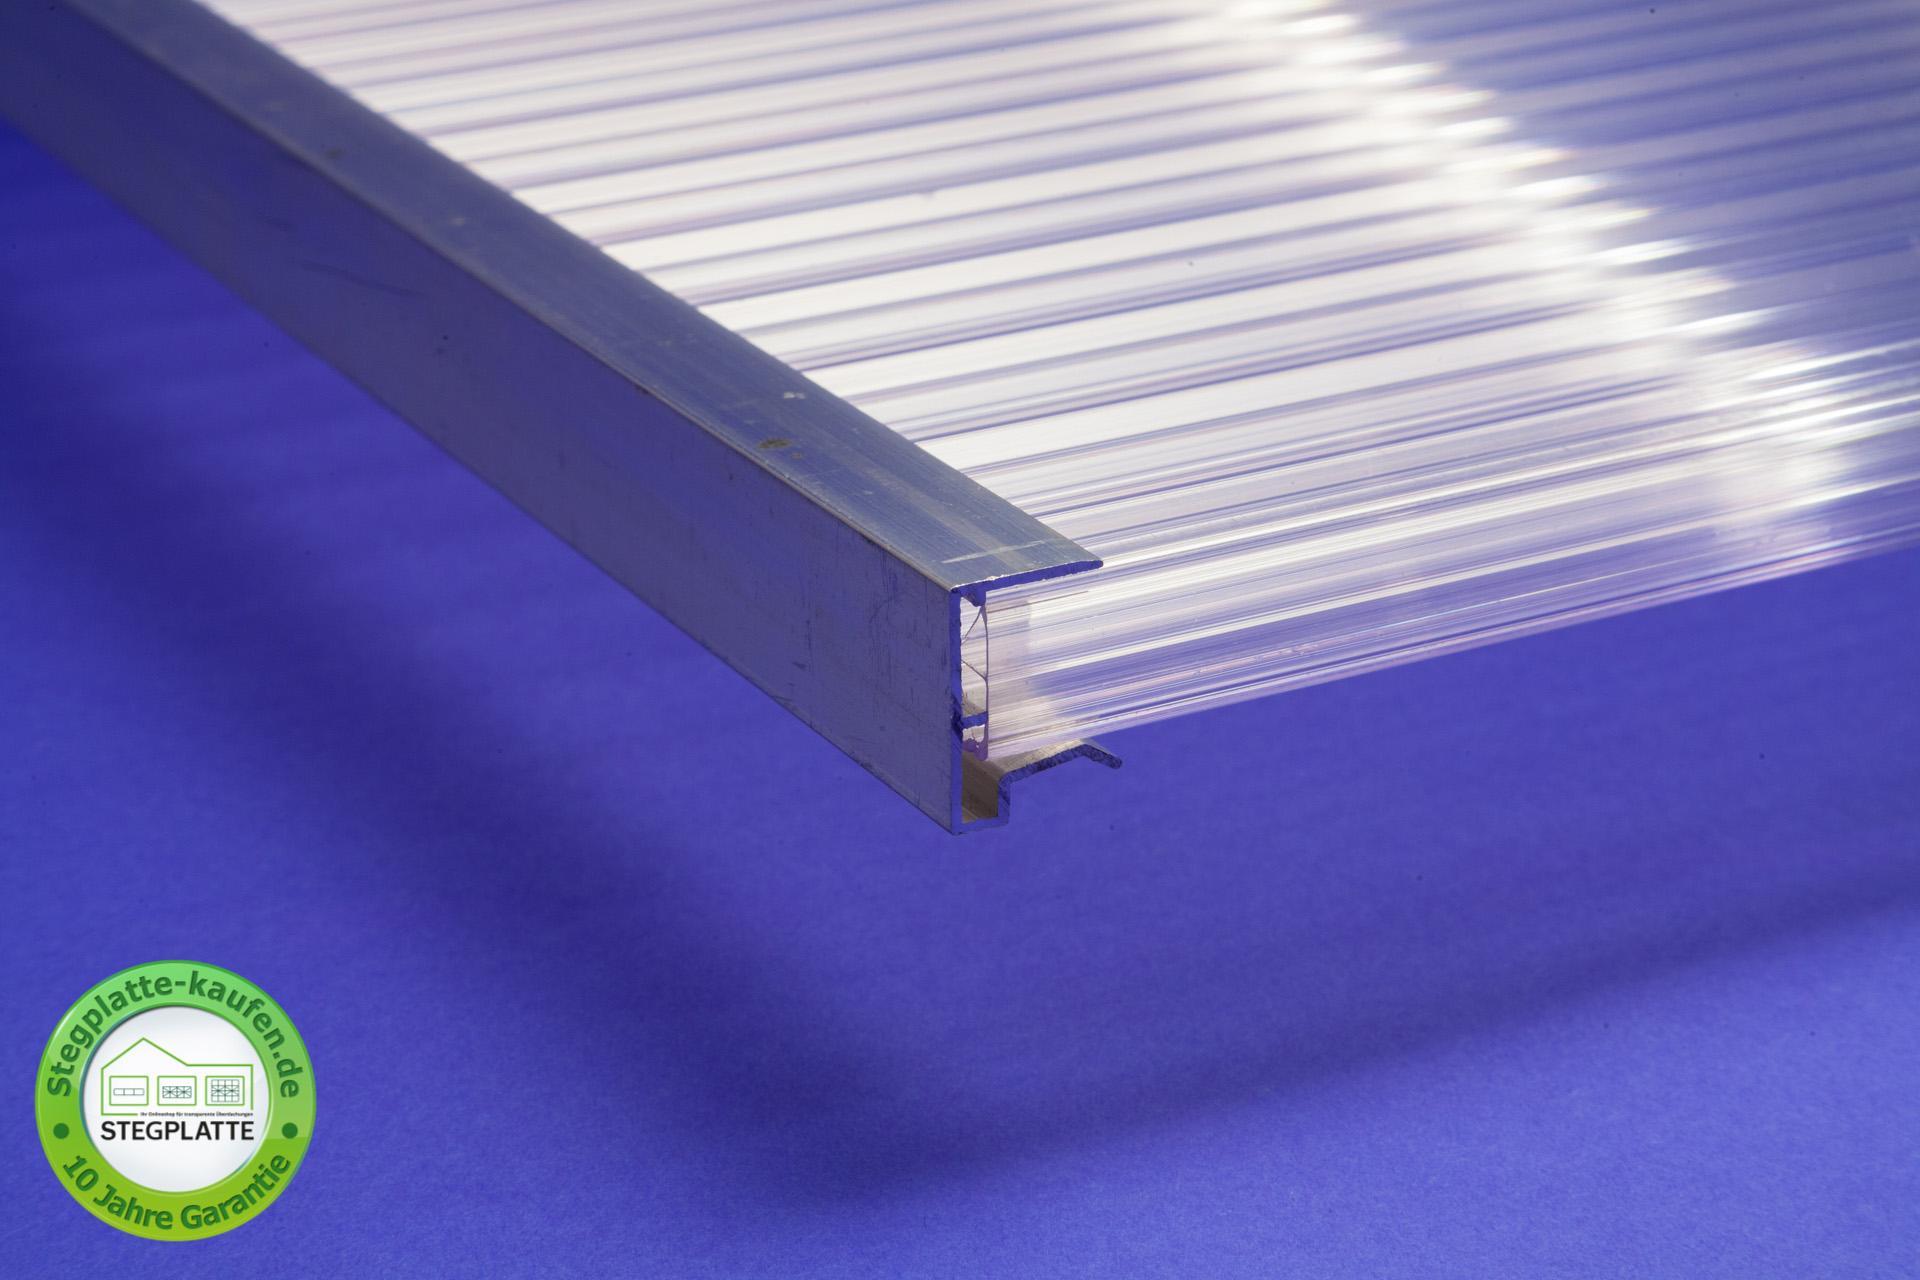 Alu Abschlussprofil kleine Tropfkante für 16 mm Stegplatten